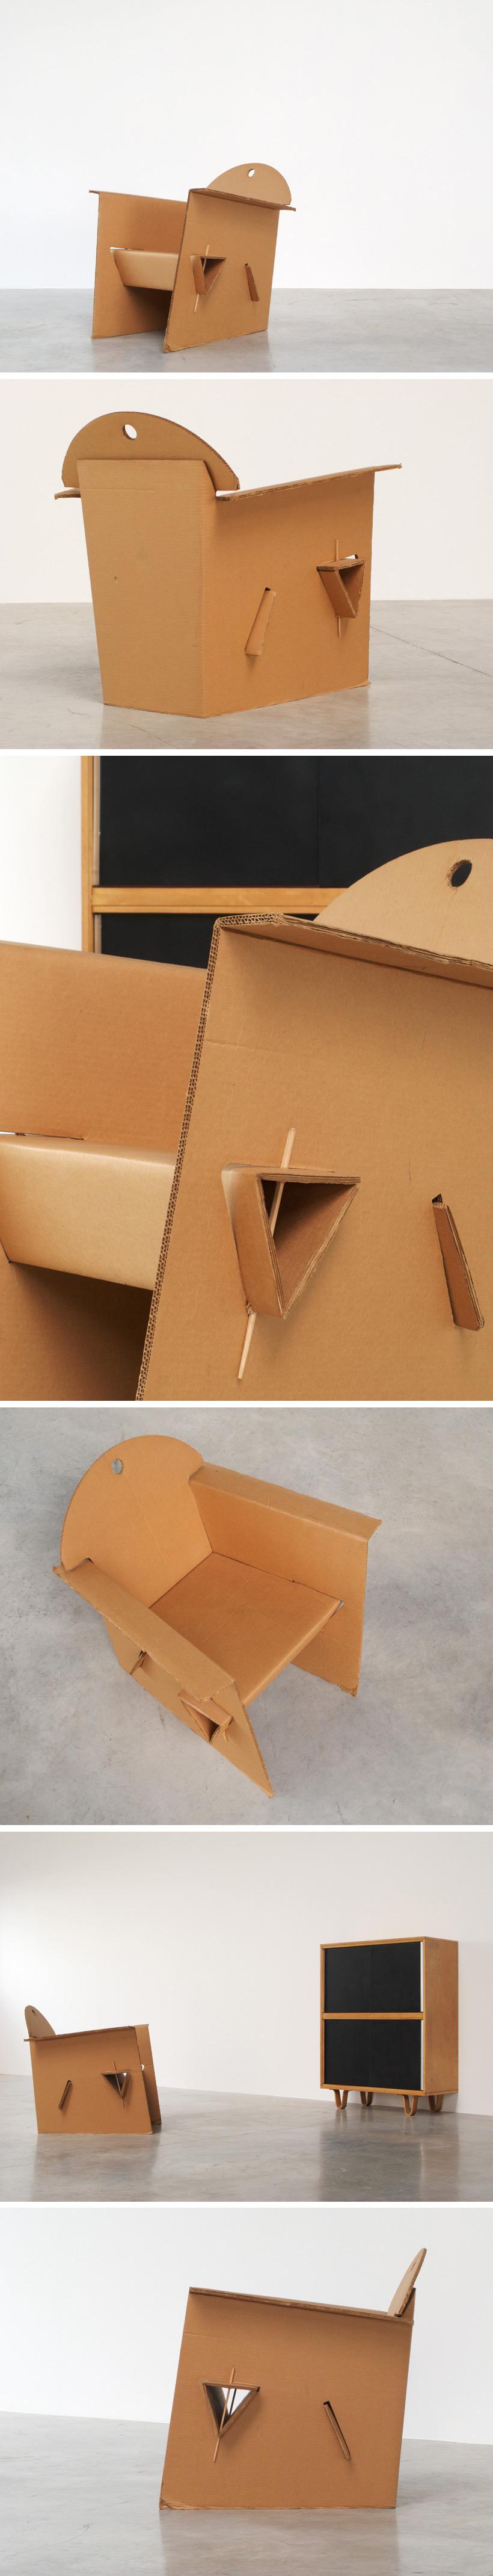 Olivier Leblois Kiosk chair or cardboard chair Large